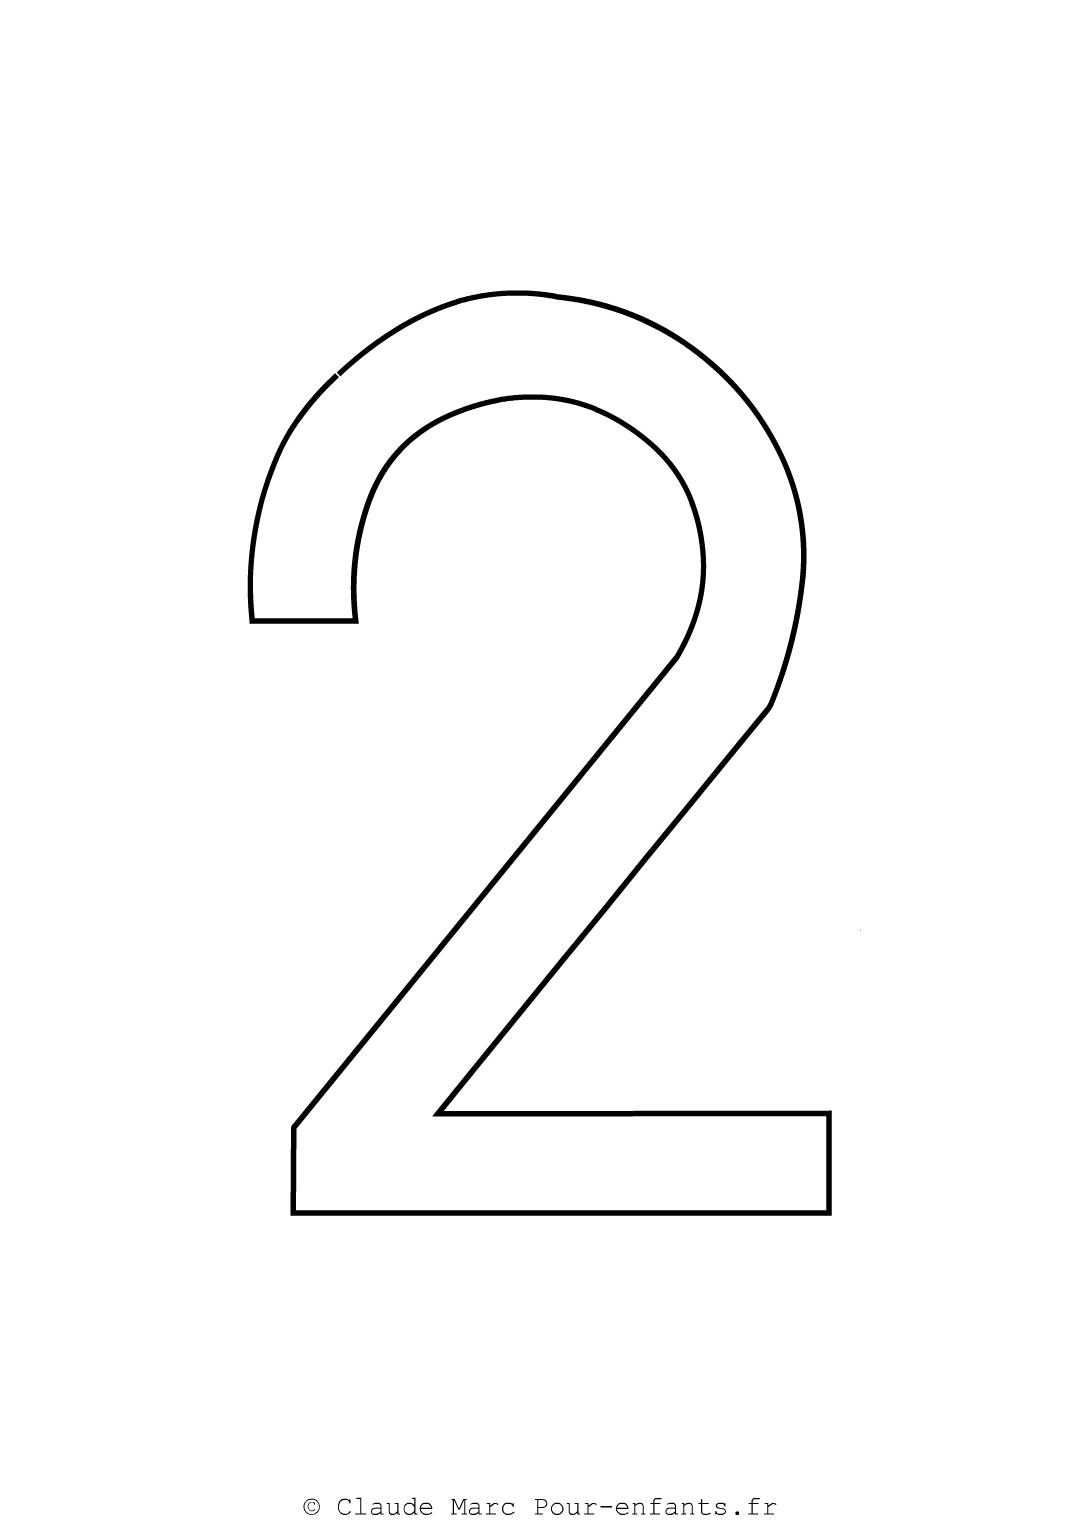 Imprimer grands chiffres en maternelle coloriage chiffre 2 deux cahier fiches d activites - Coloriage chiffres a imprimer ...